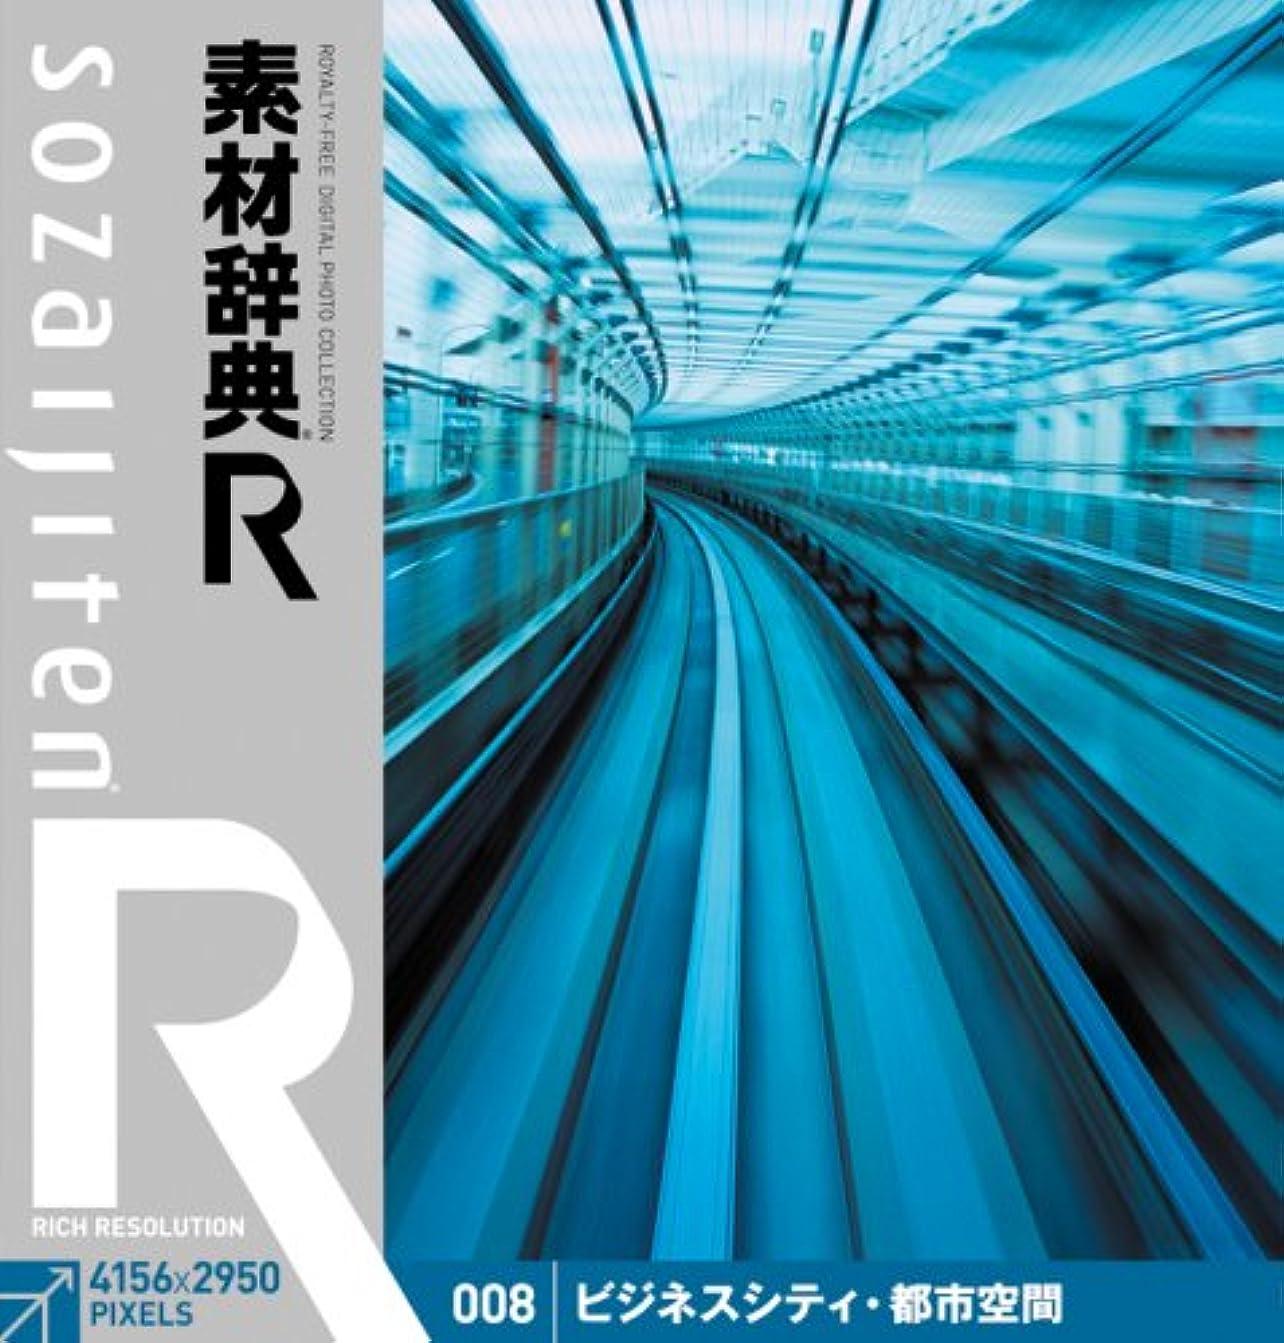 笑写真コンピューターゲームをプレイする素材辞典[R(アール)] 008 ビジネスシティ?都市空間